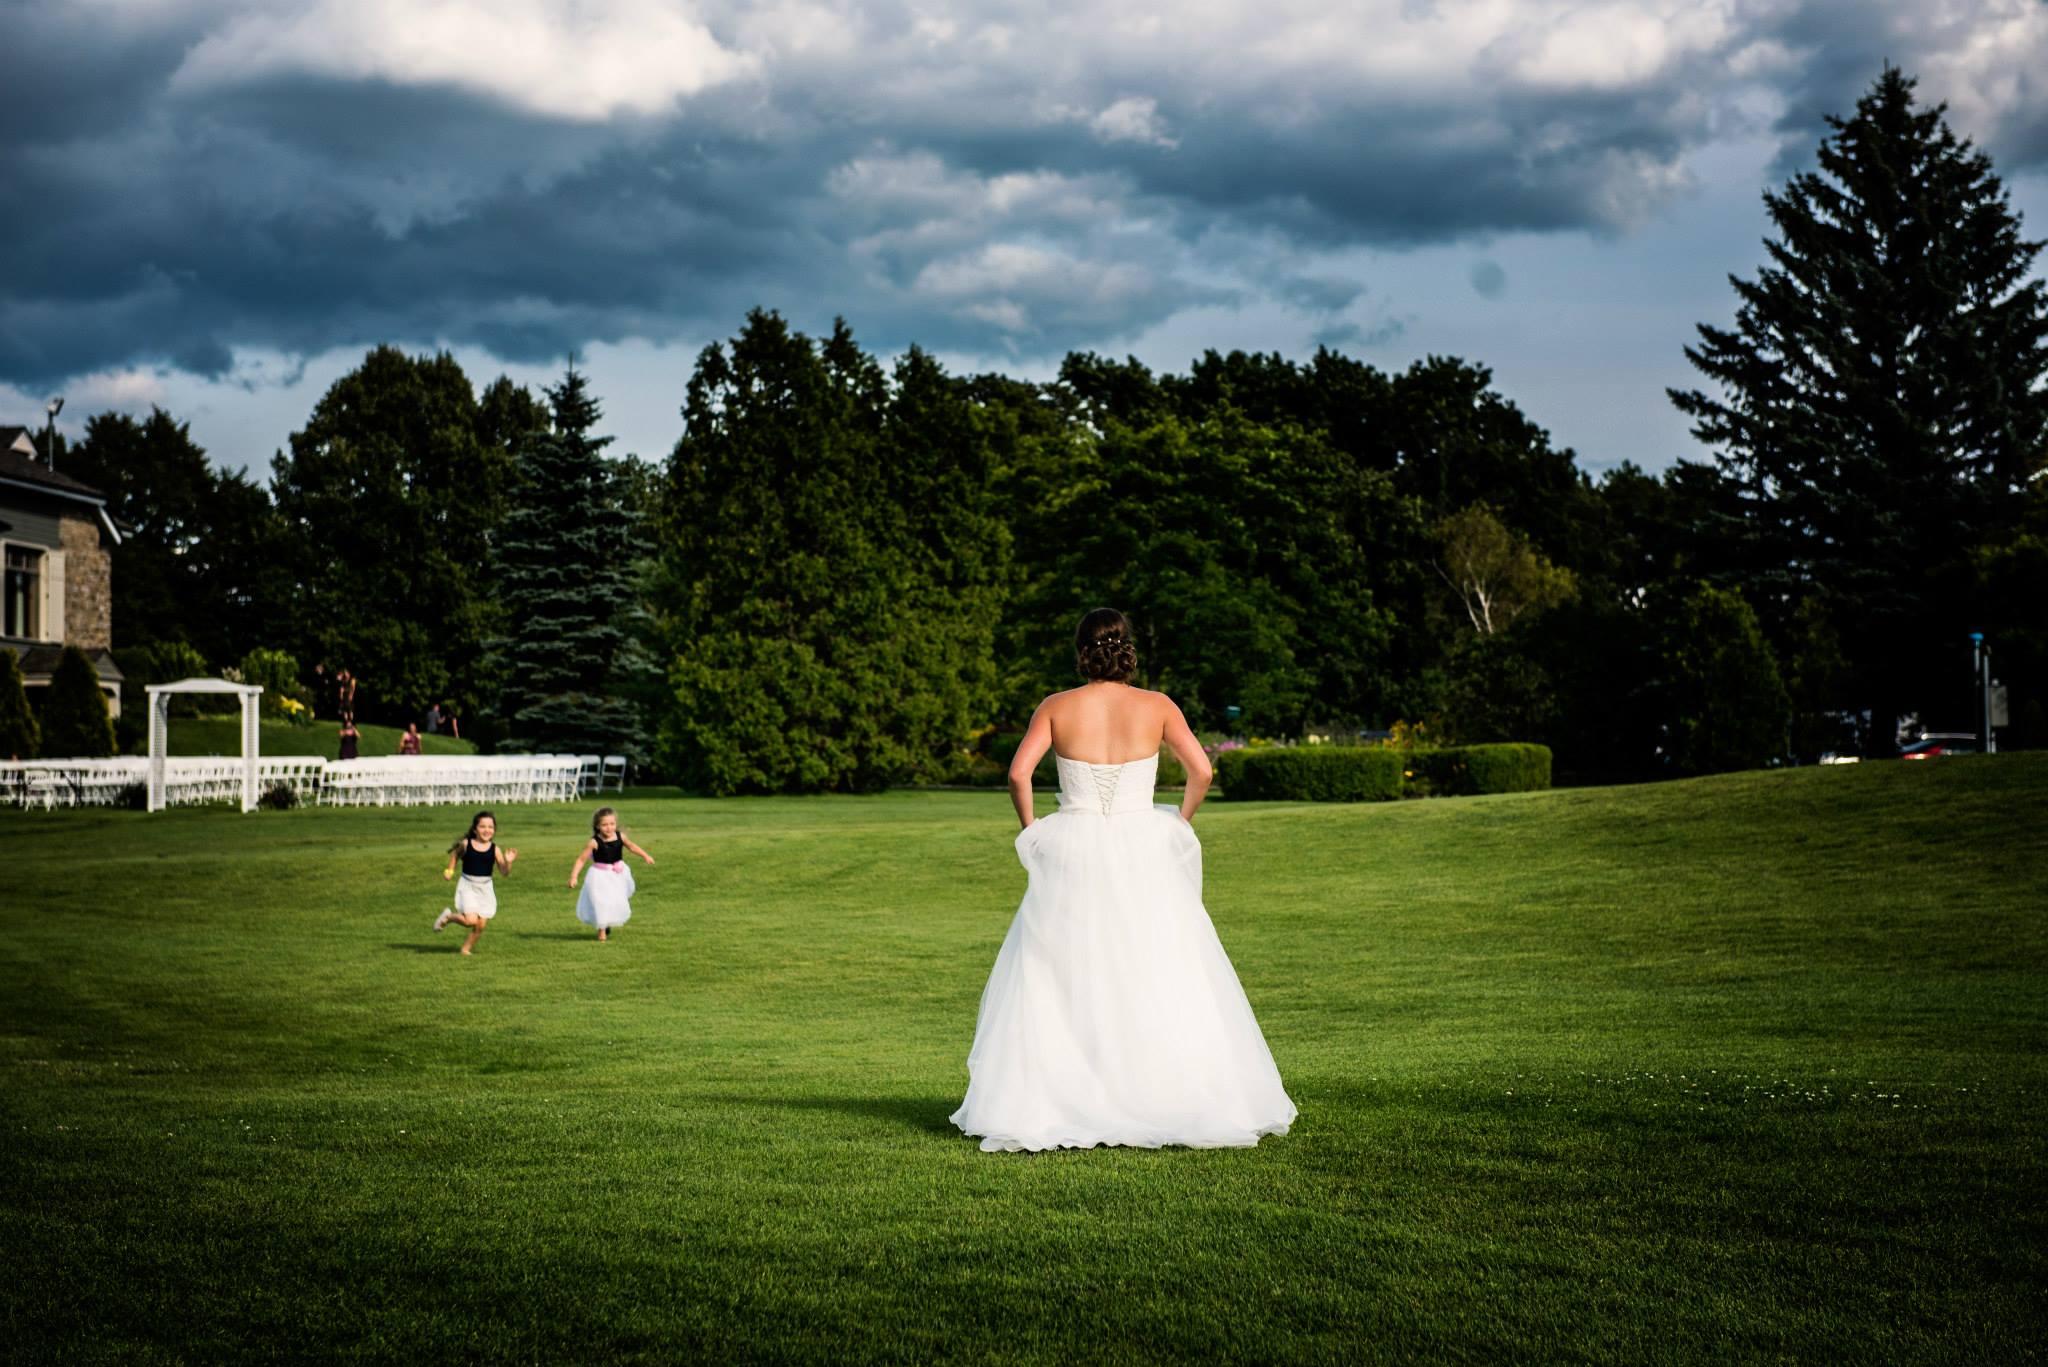 Weddings_Vesia2 (2).jpg